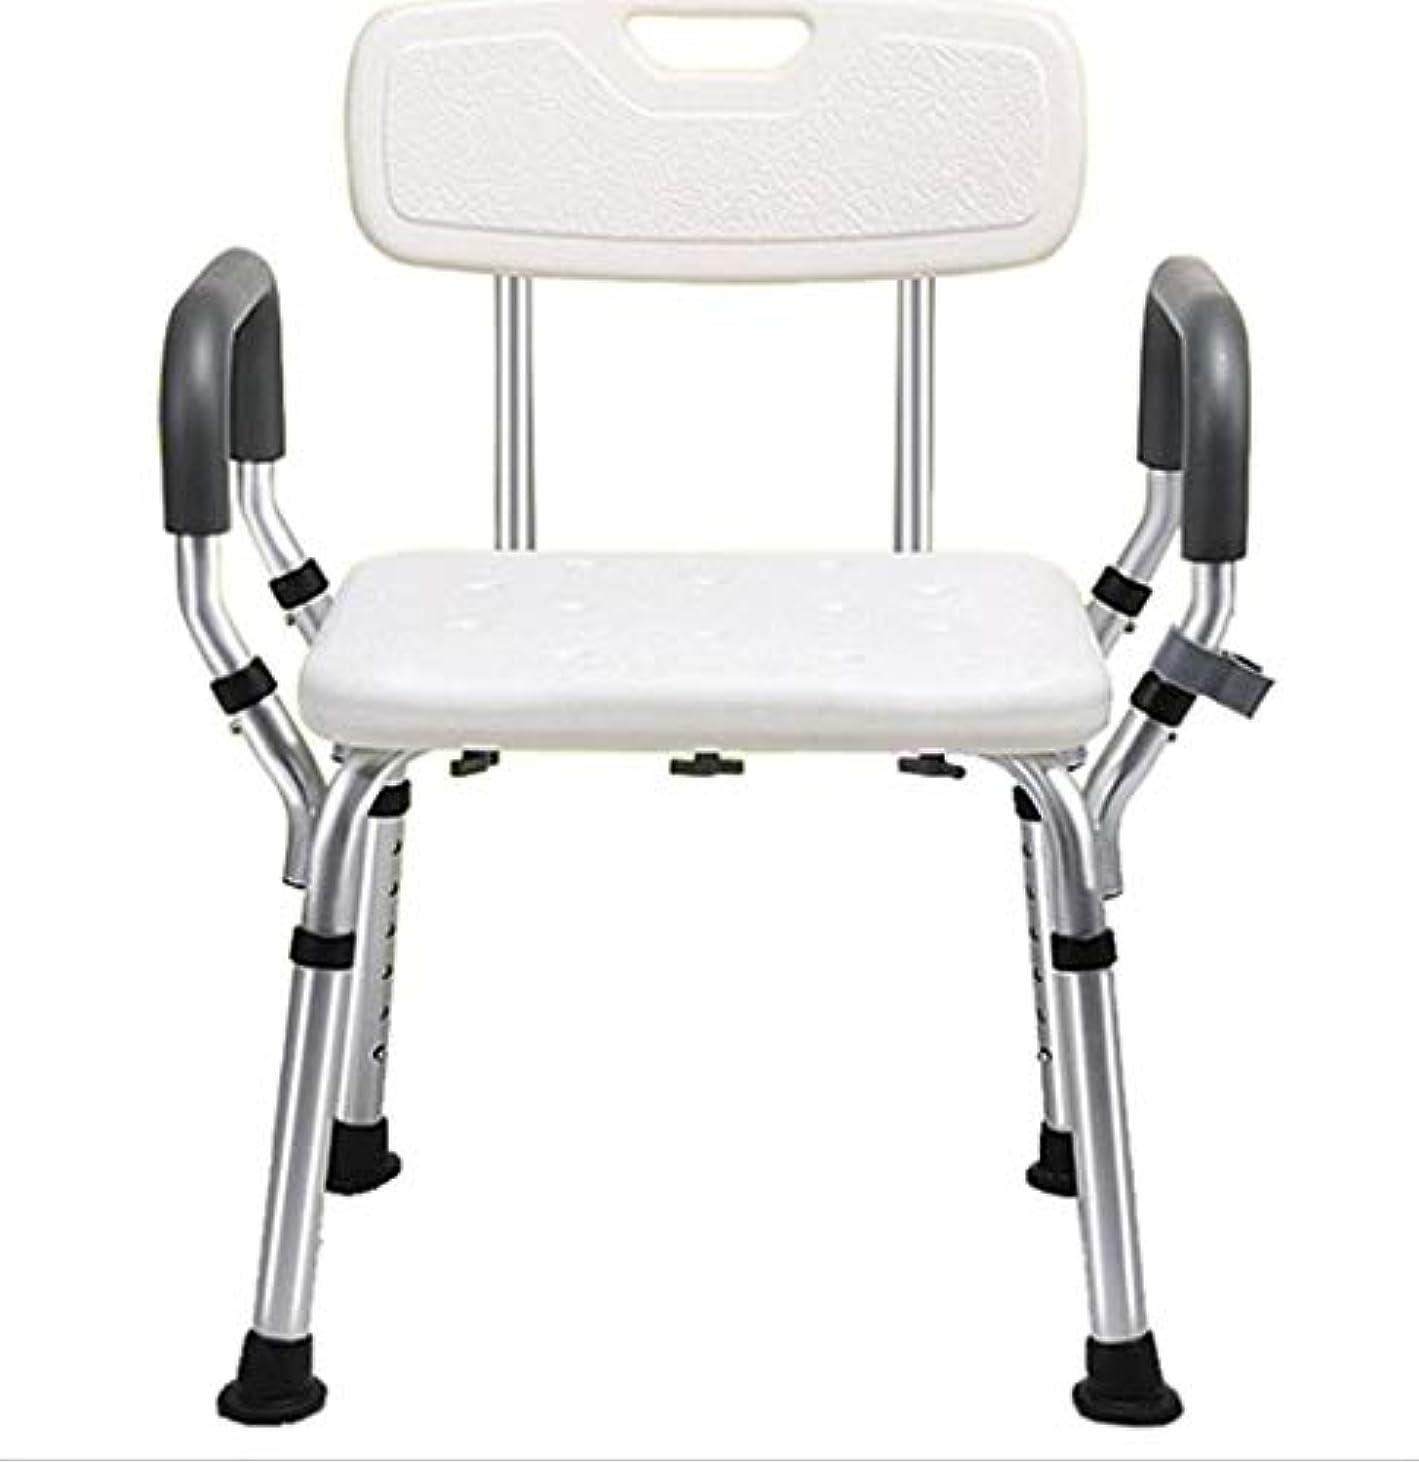 ランドマークすべて保証金背もたれ付きシャワーチェア-障害者用の肘掛け付きバスタブベンチ、高齢者用滑り止め浴槽安全スツール